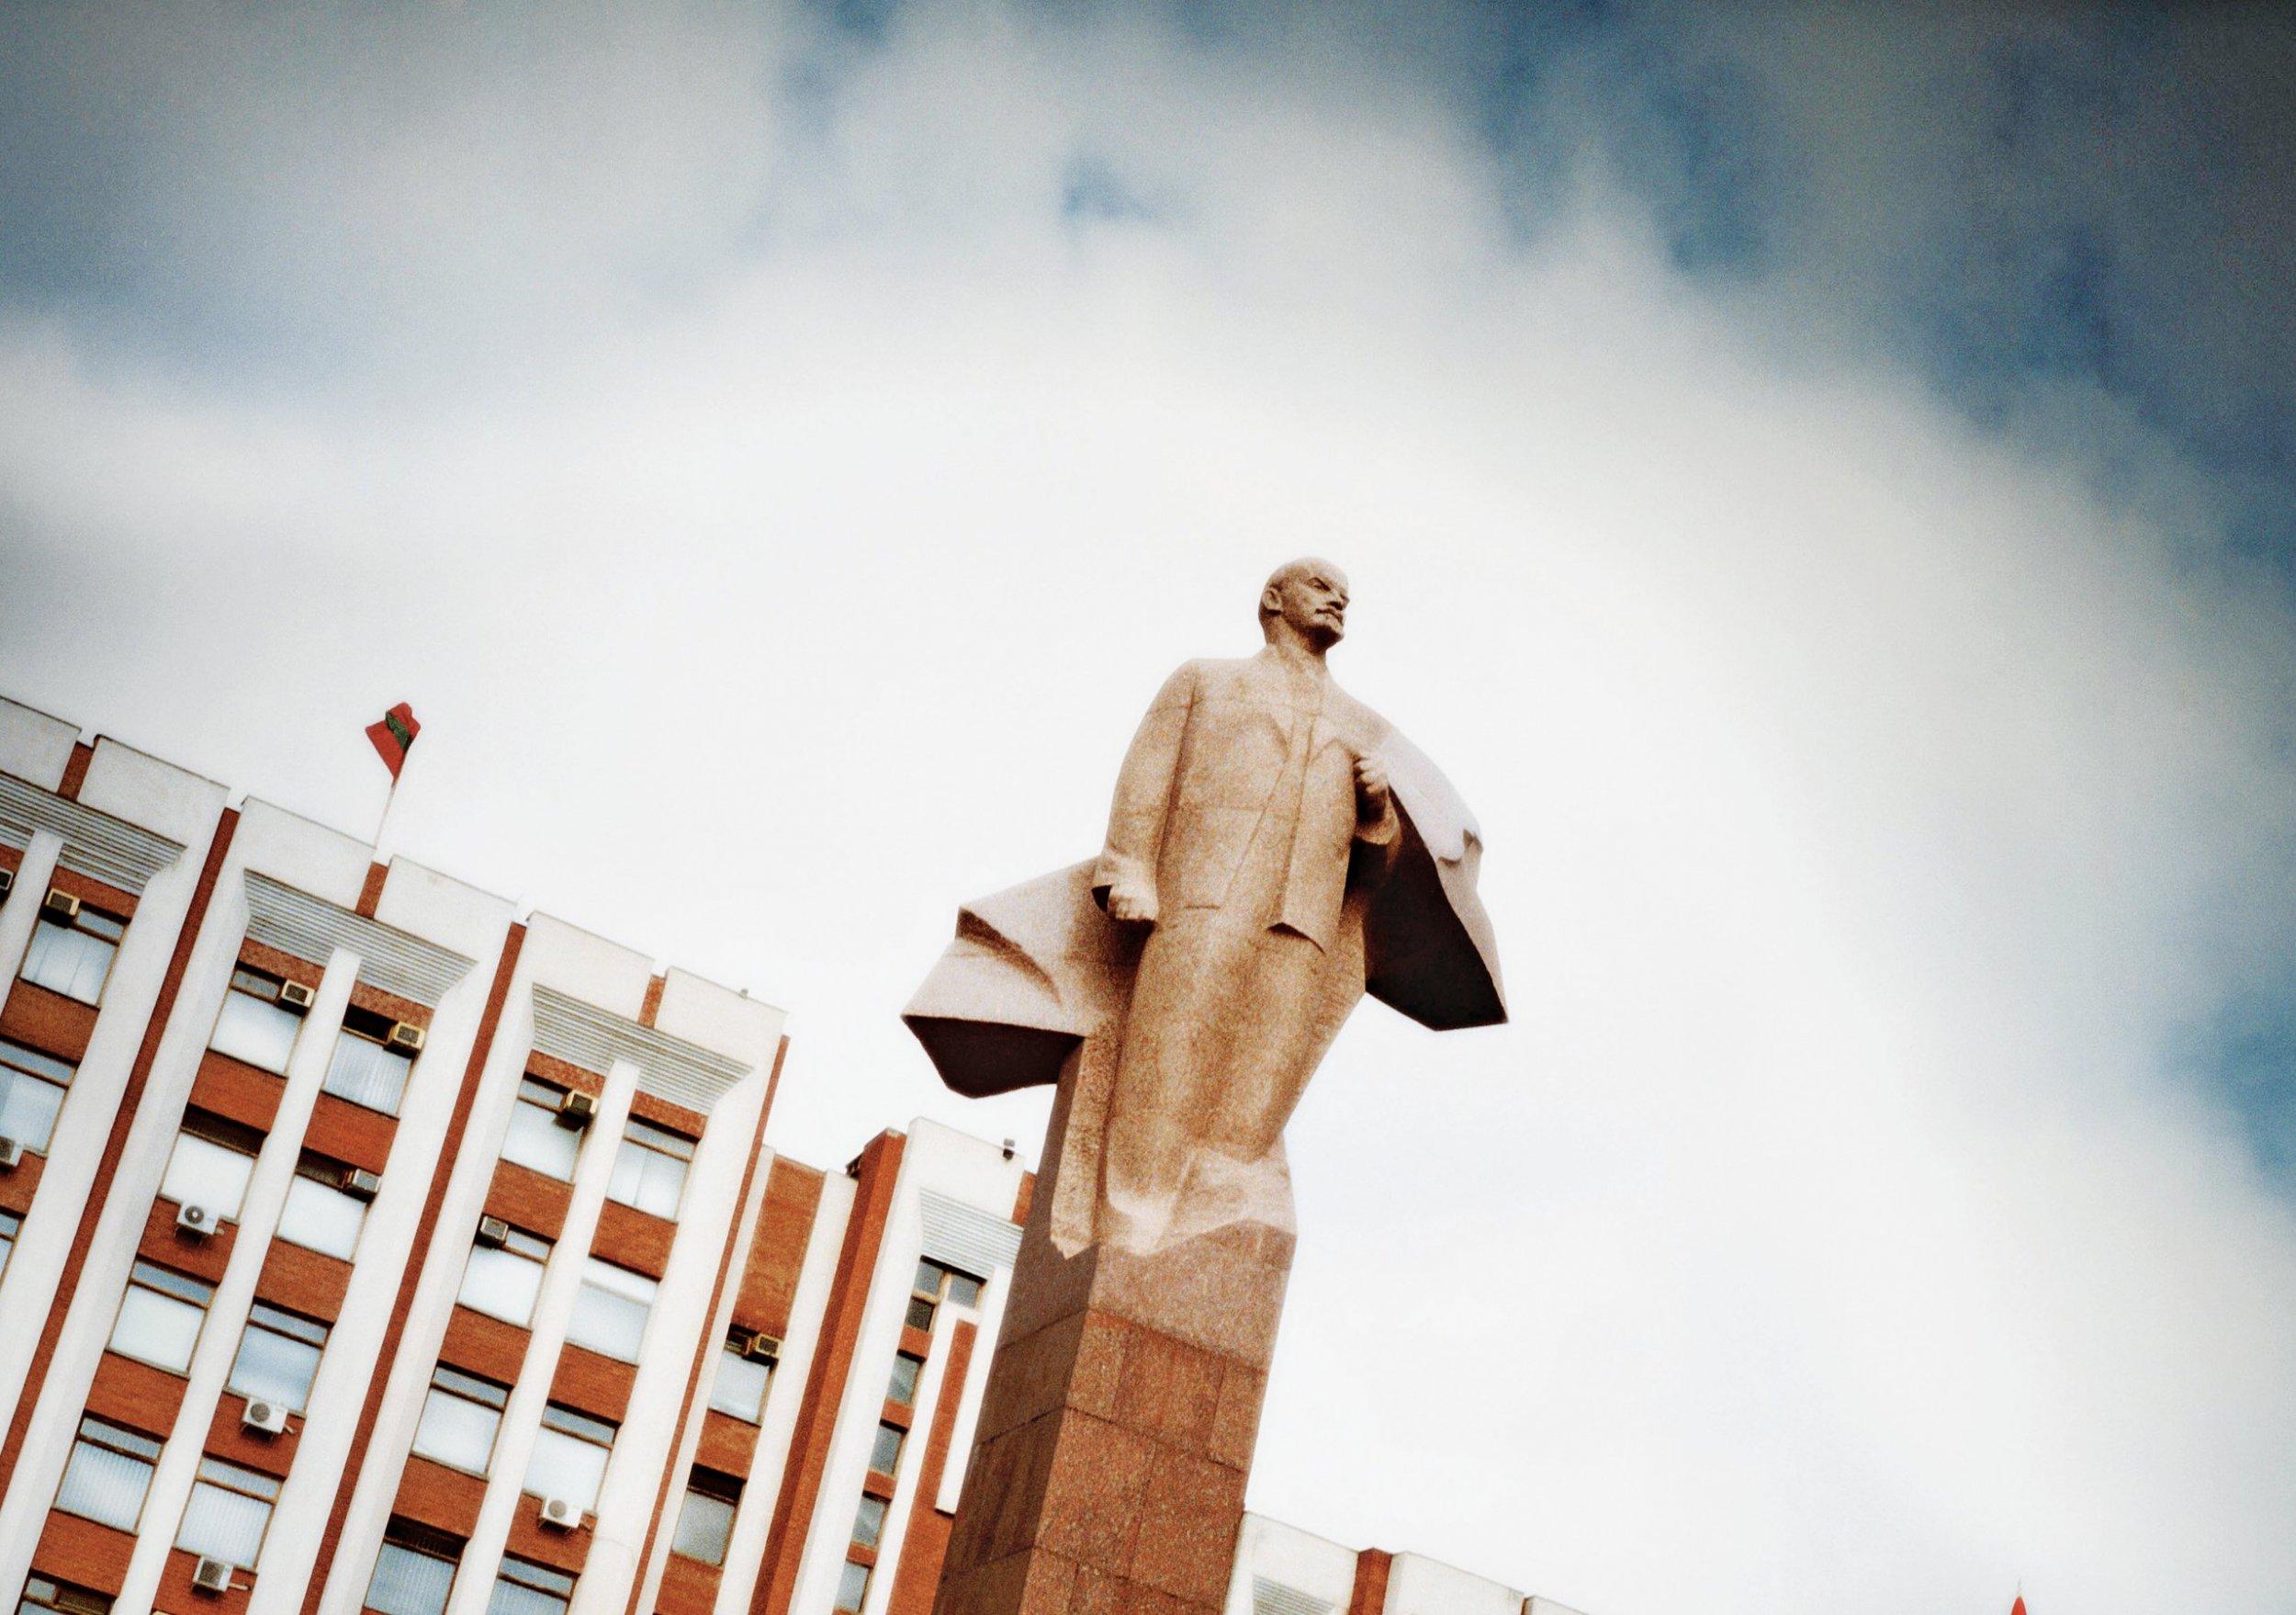 presser-cu0531-transnistria-main-tease